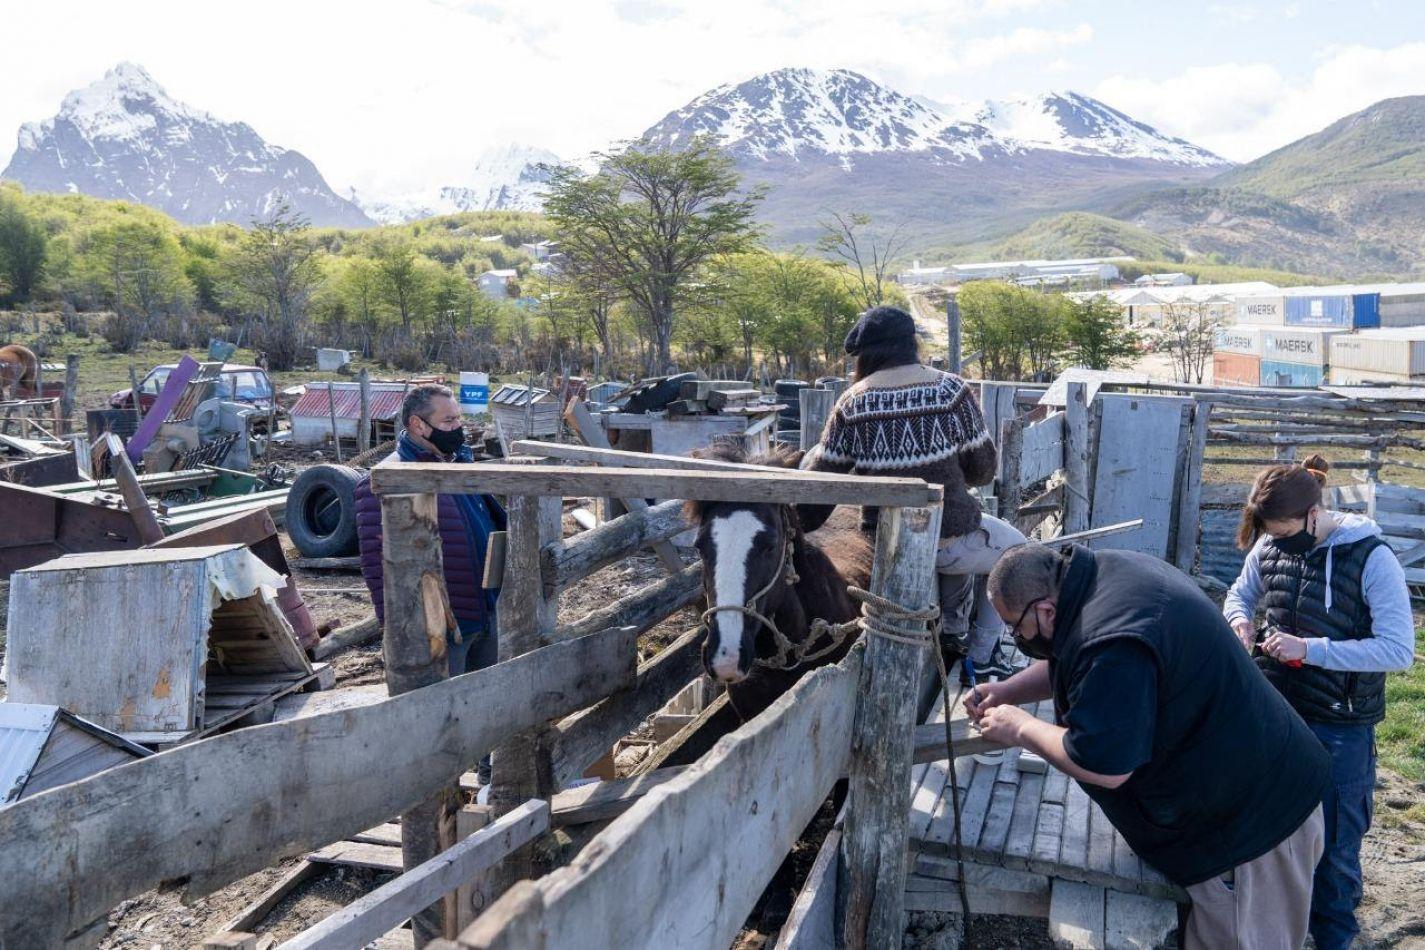 La Municipalidad de Ushuaia inició el chipeo de caballos